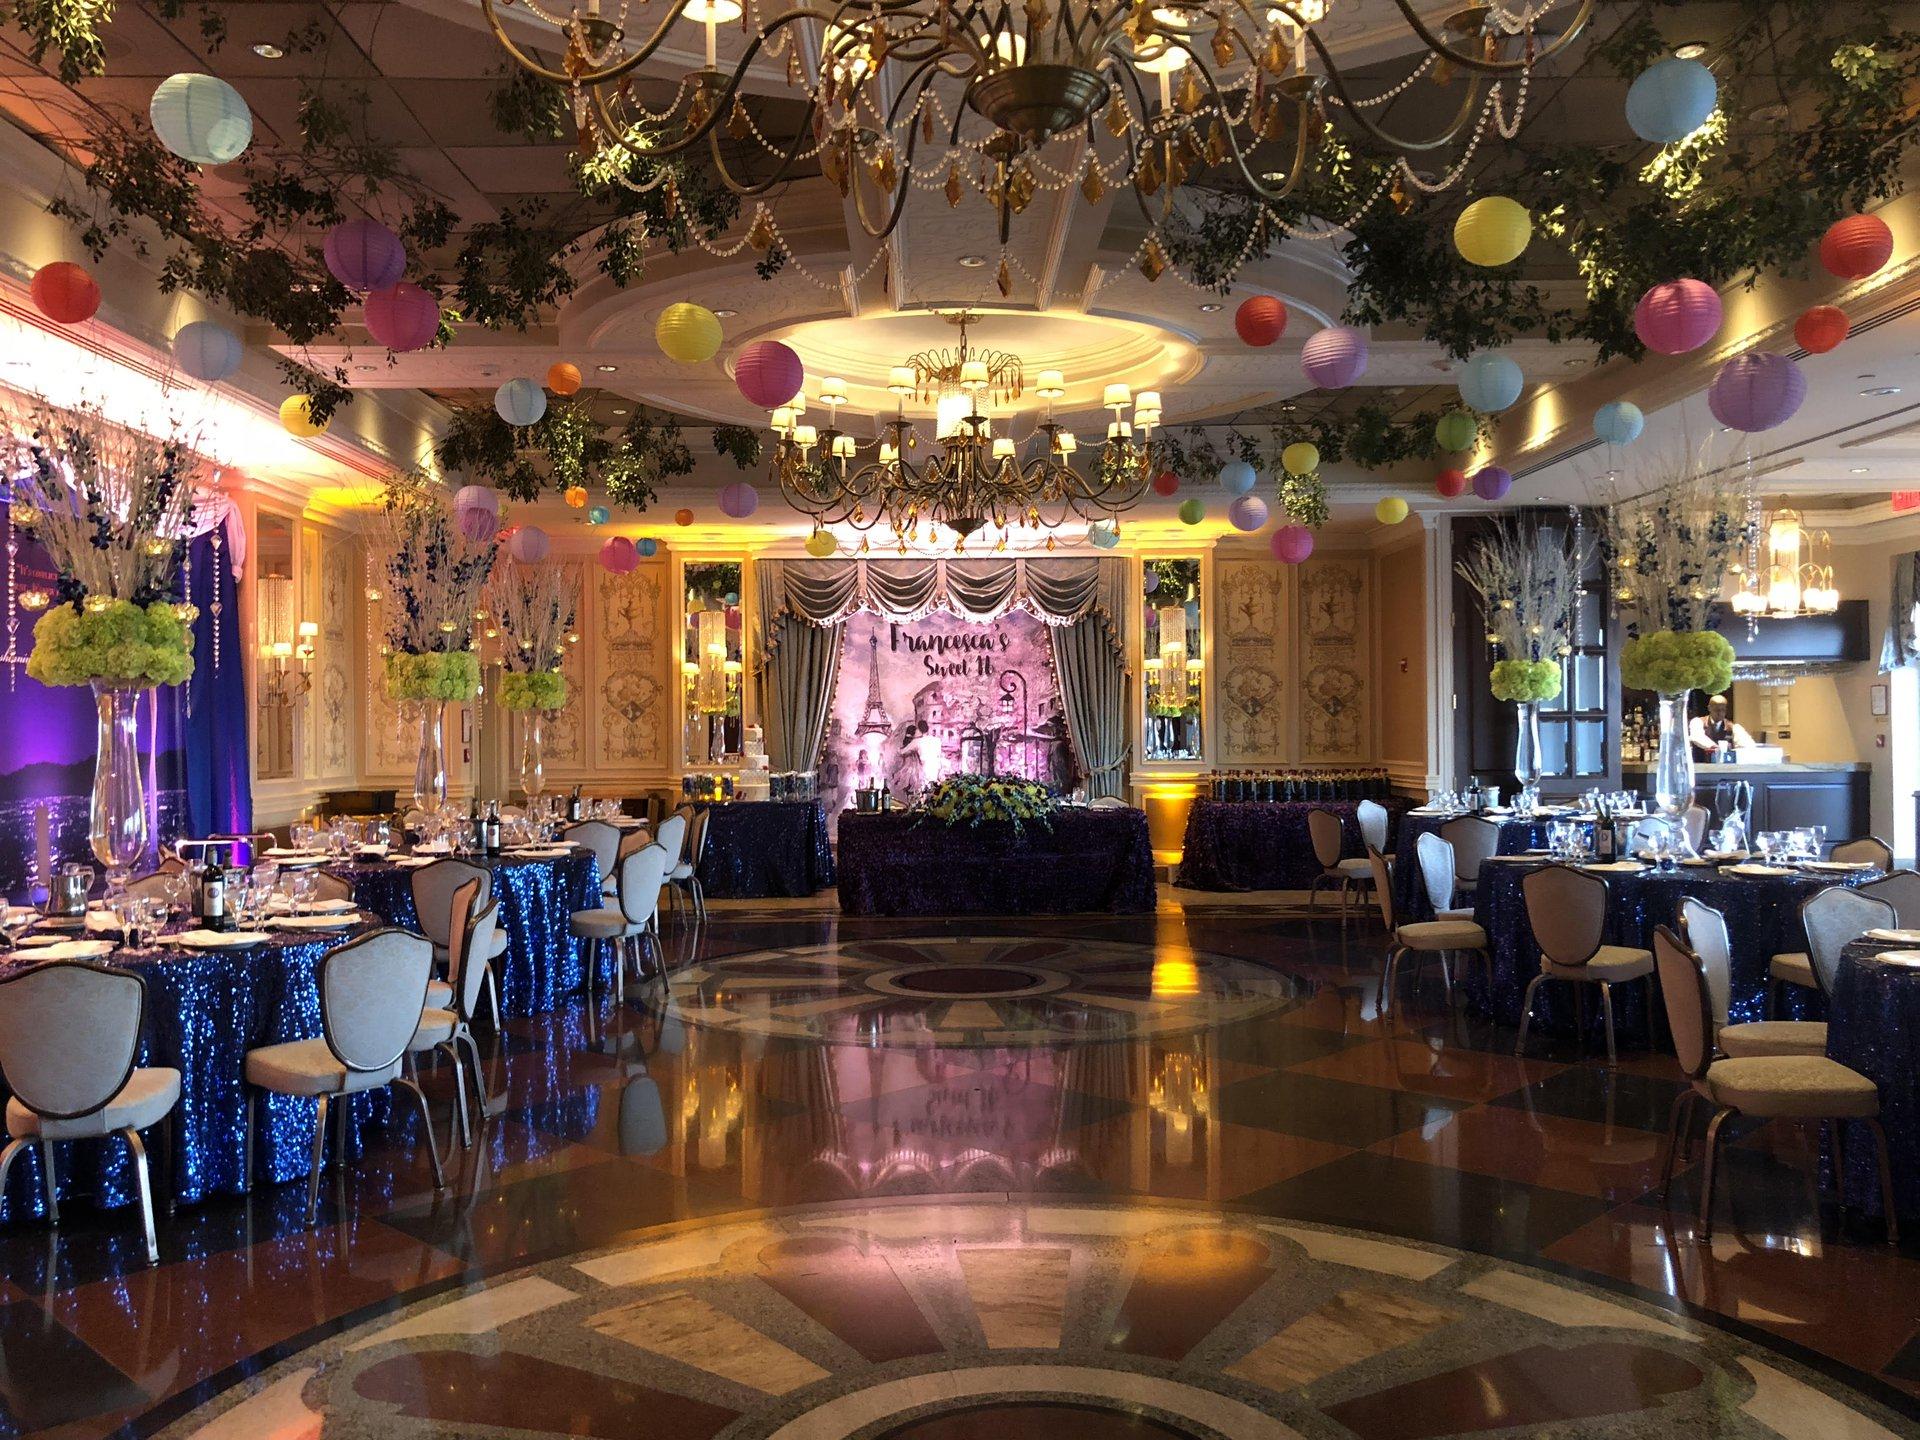 The Murano Vetro Restaurant Lounge